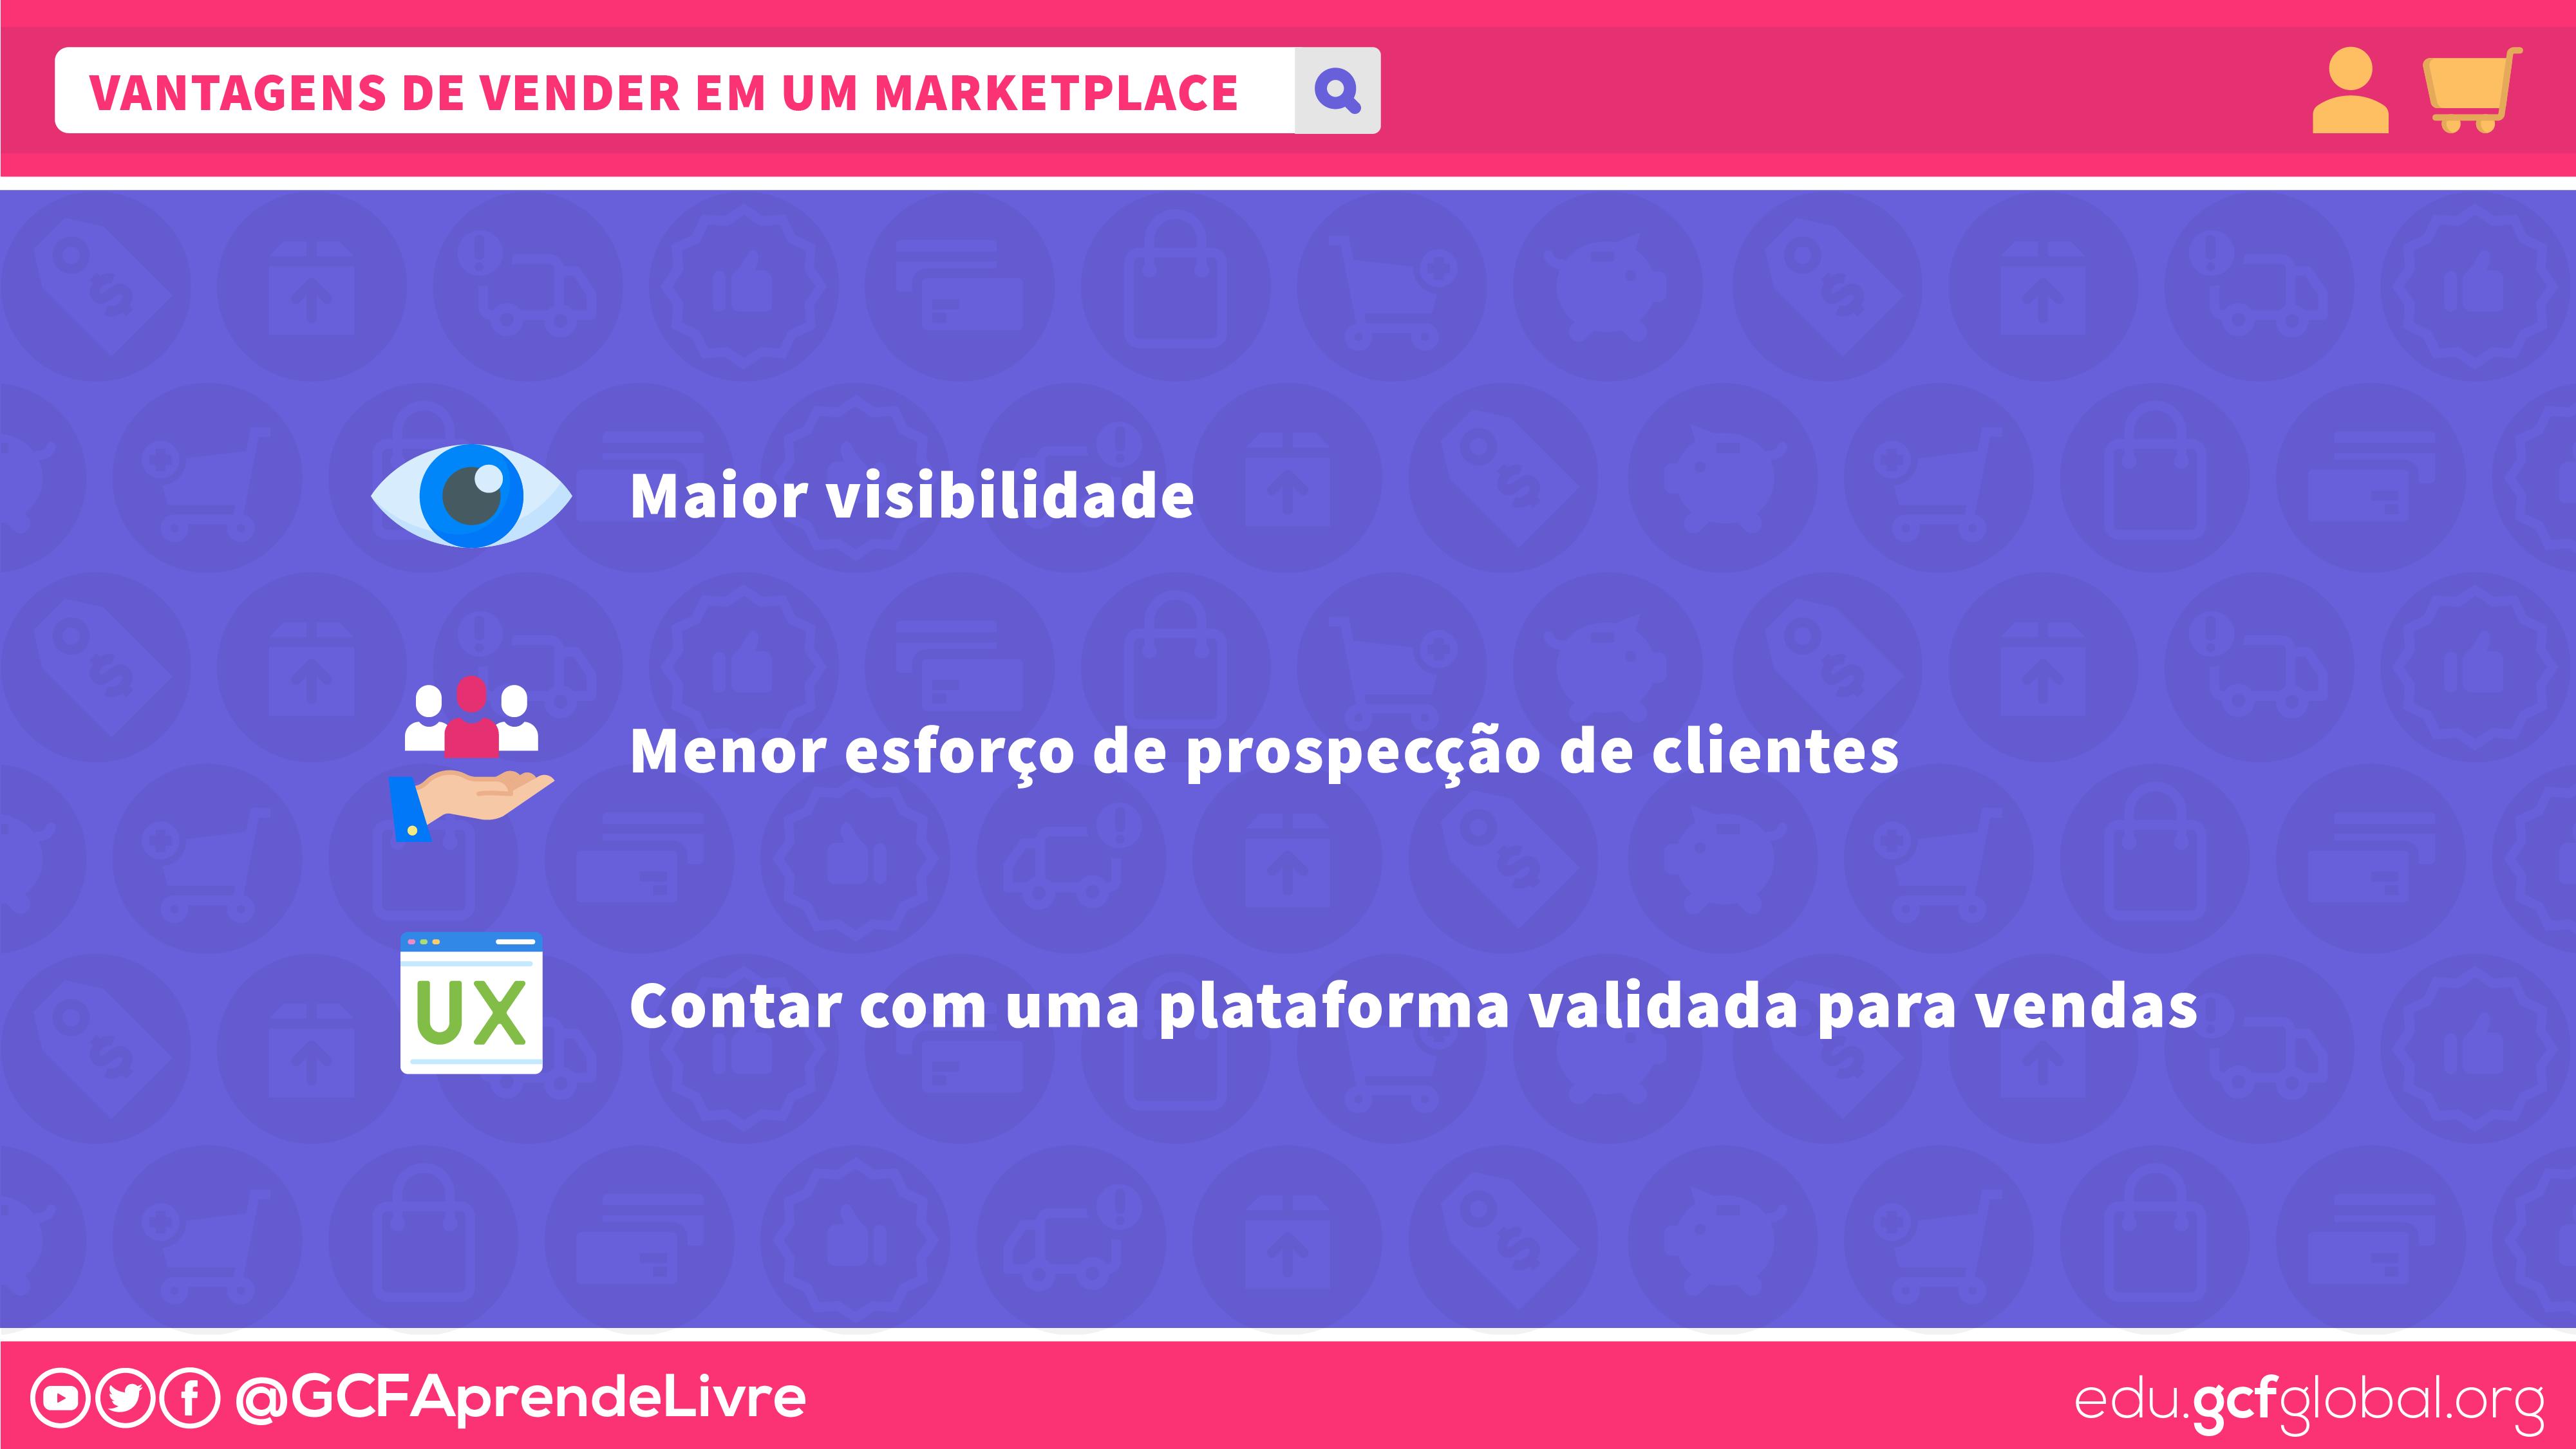 imagem ilustrativa vantagens de vender em marketplaces